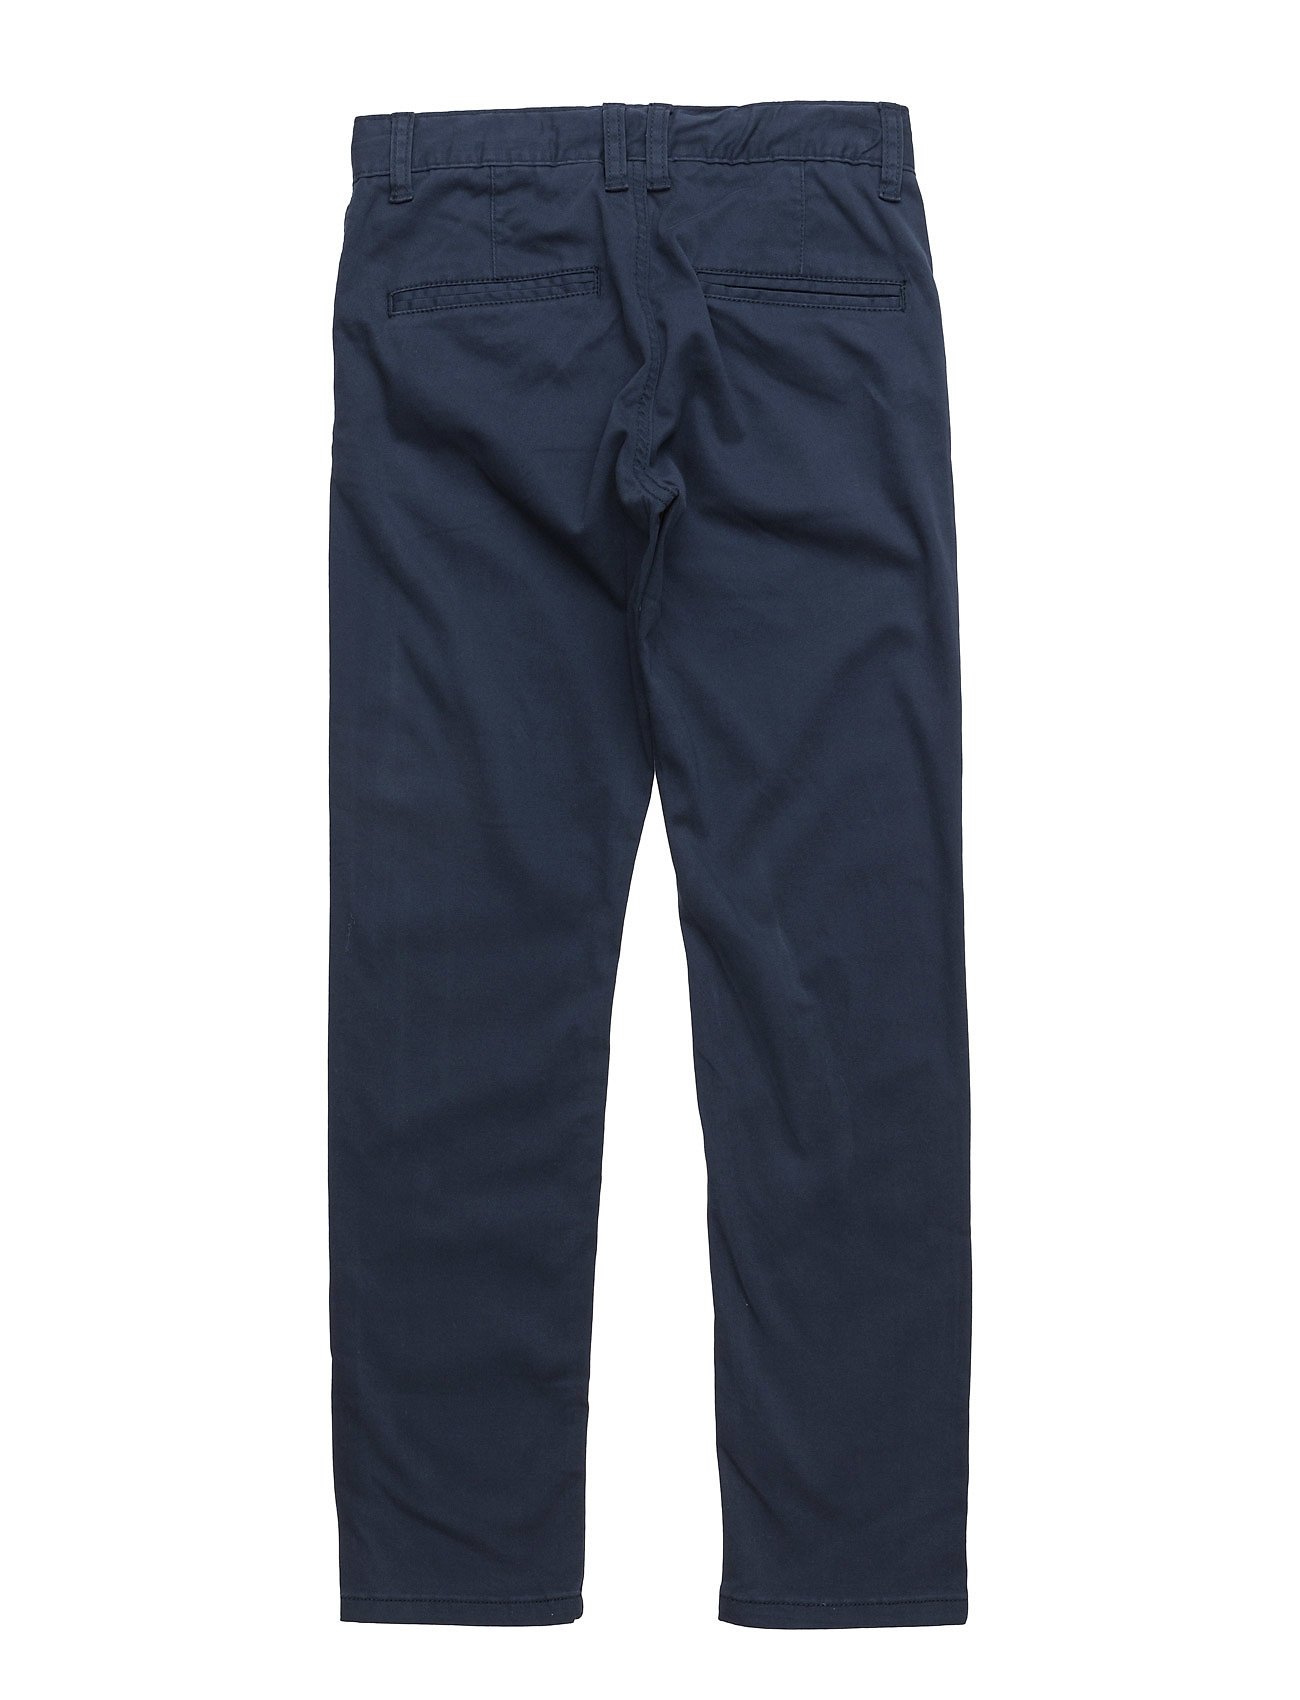 Tristan Trousers Bukser Blå HUST & CLAIRE